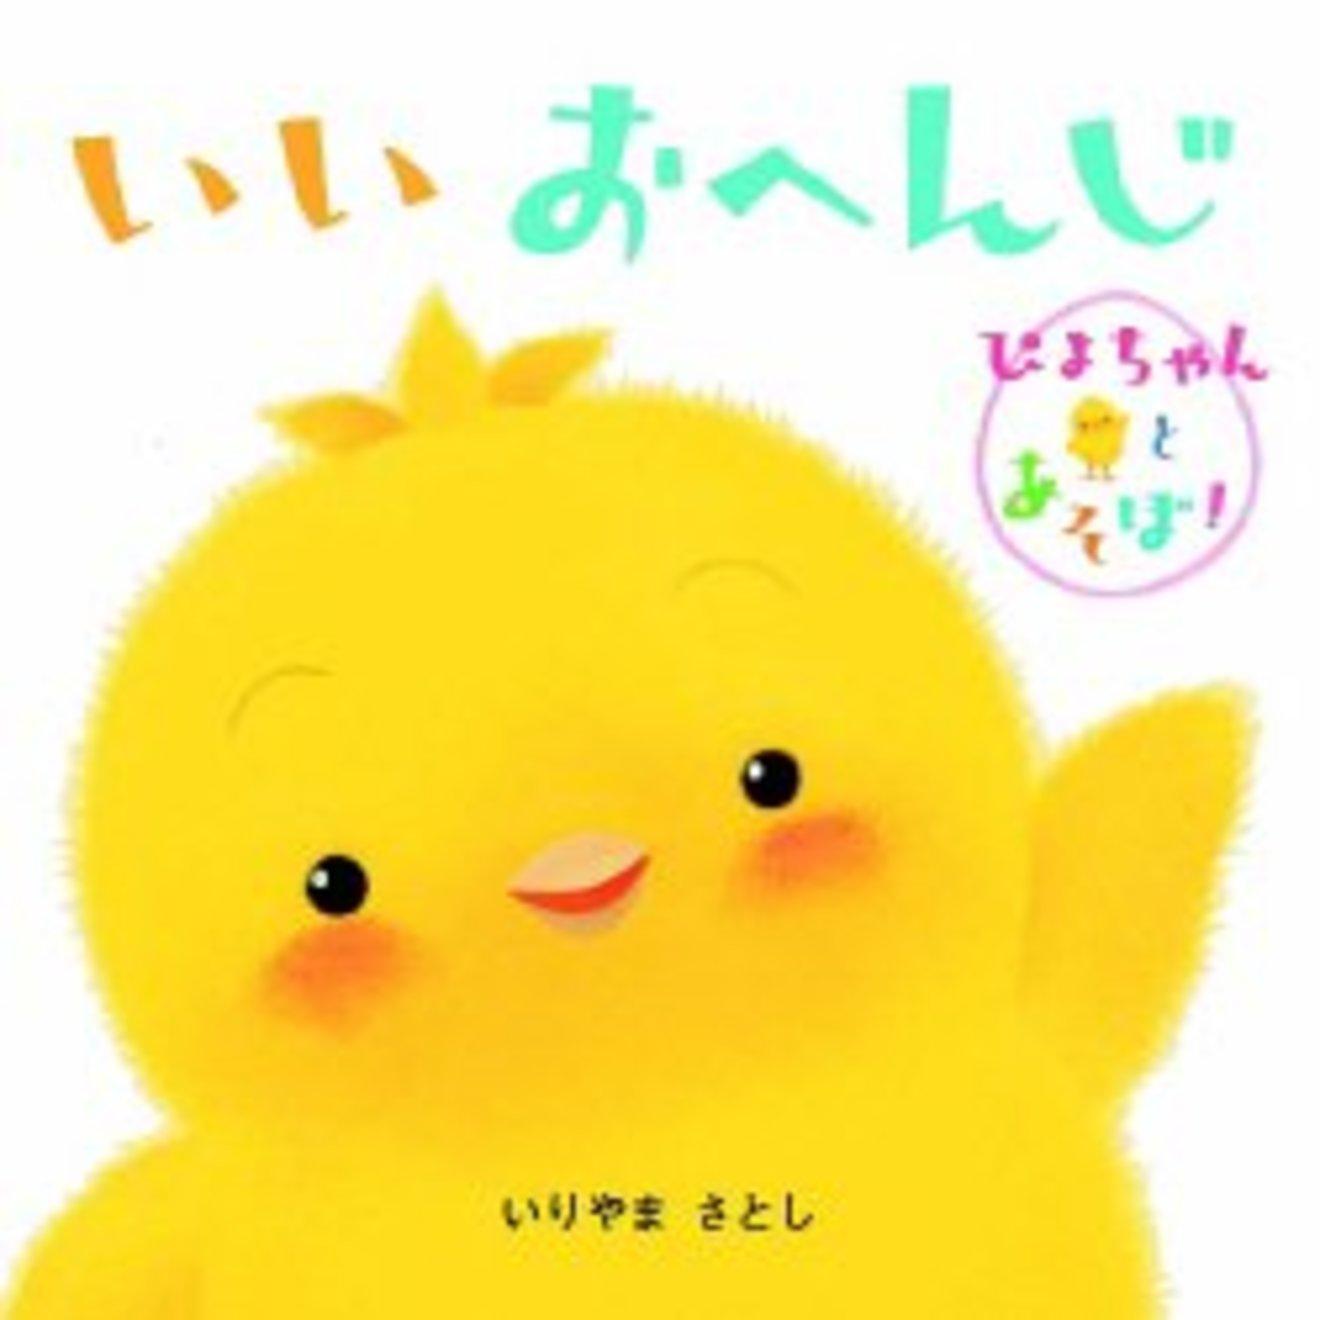 「ぴよちゃん」シリーズおすすめ5選!赤ちゃんに人気の絵本